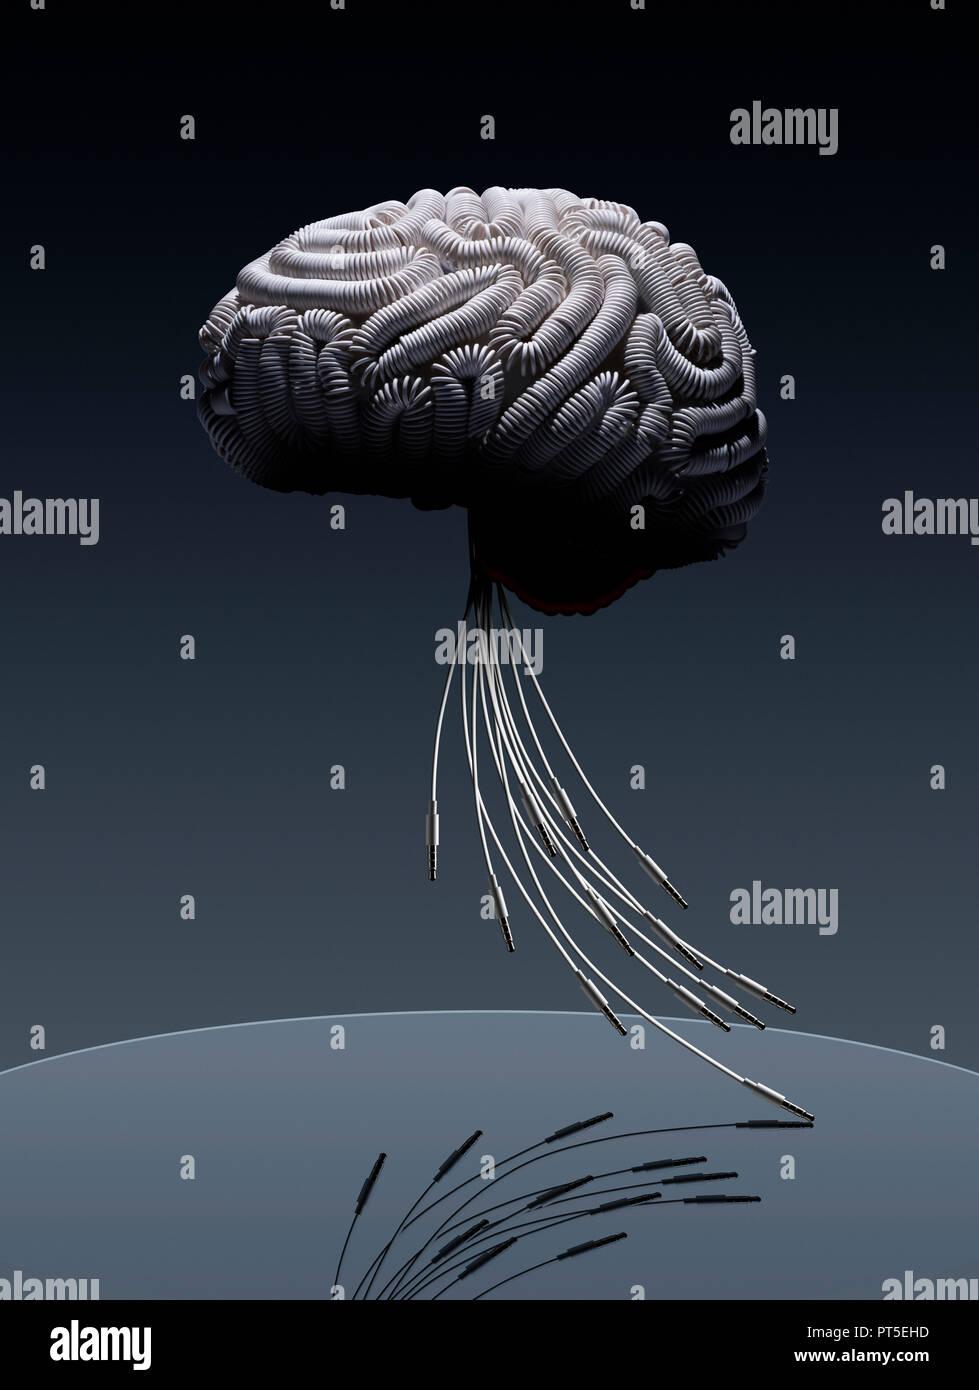 Konzept Gehirn durch weiße Kabel angeschlossen, Stammzellen aus Jack Stecker, Kabel, Anschlüsse Stockbild